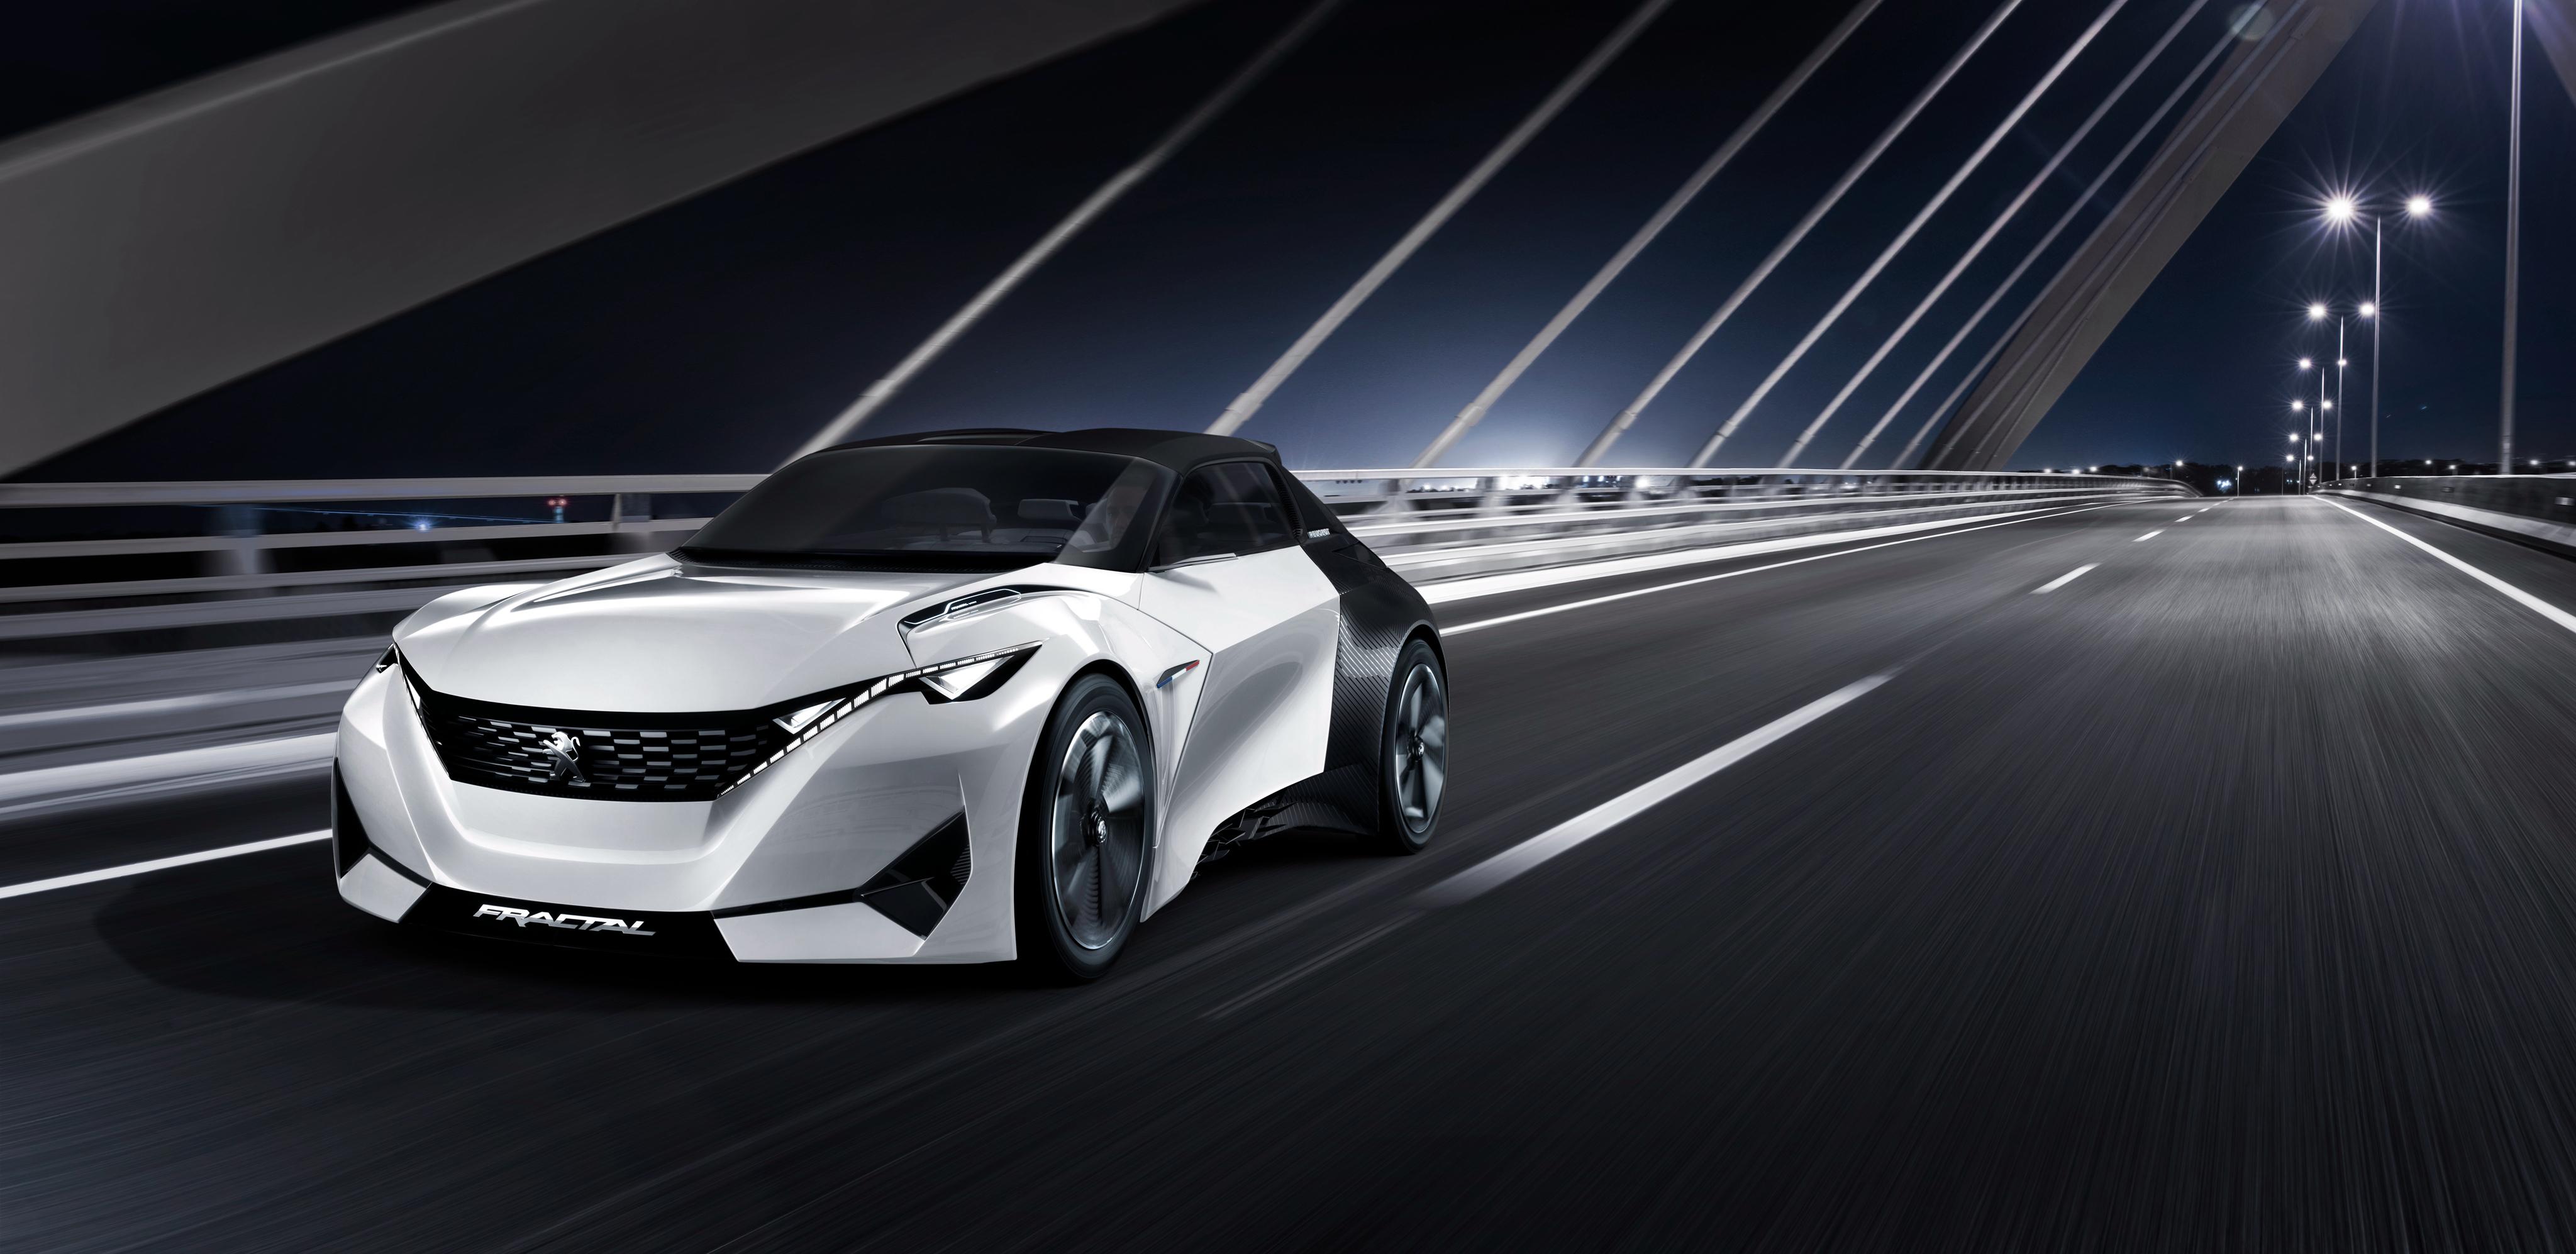 Peugeot Fractal HD Background